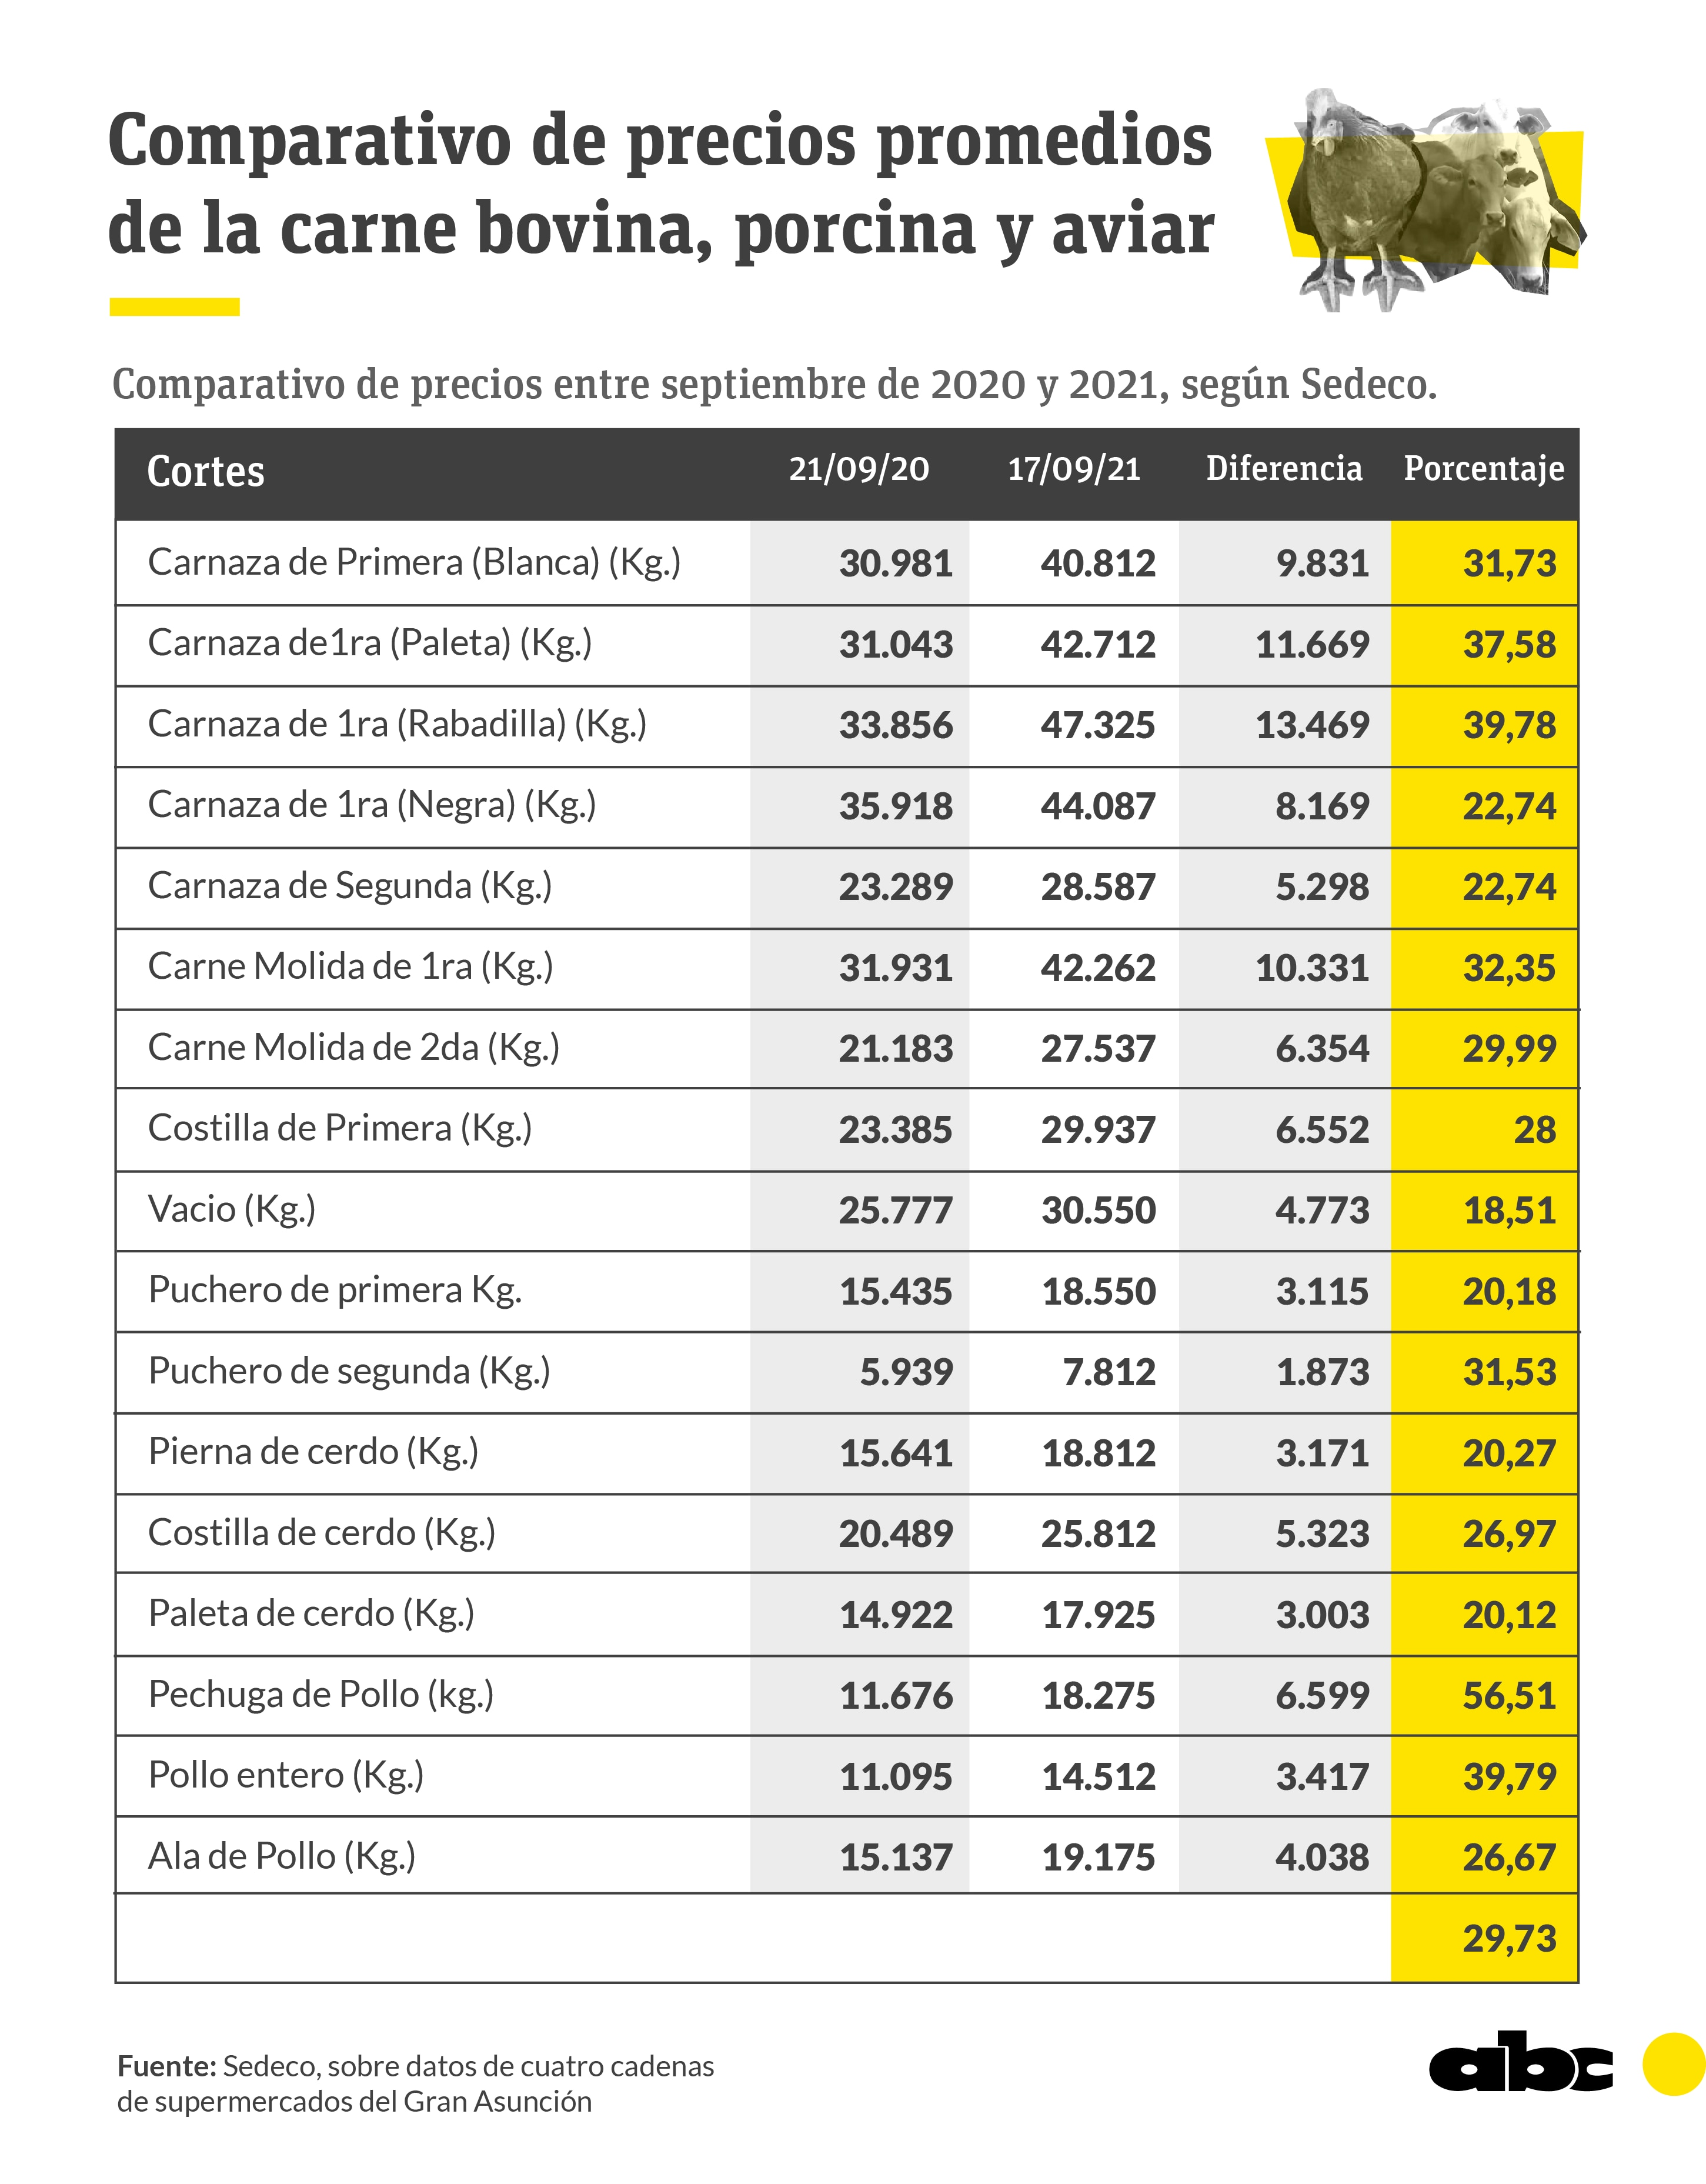 Comparativo de precios promedios de las carnes bovina, porcina y aviar, respecto a hace un año, realizado por Sedeco.